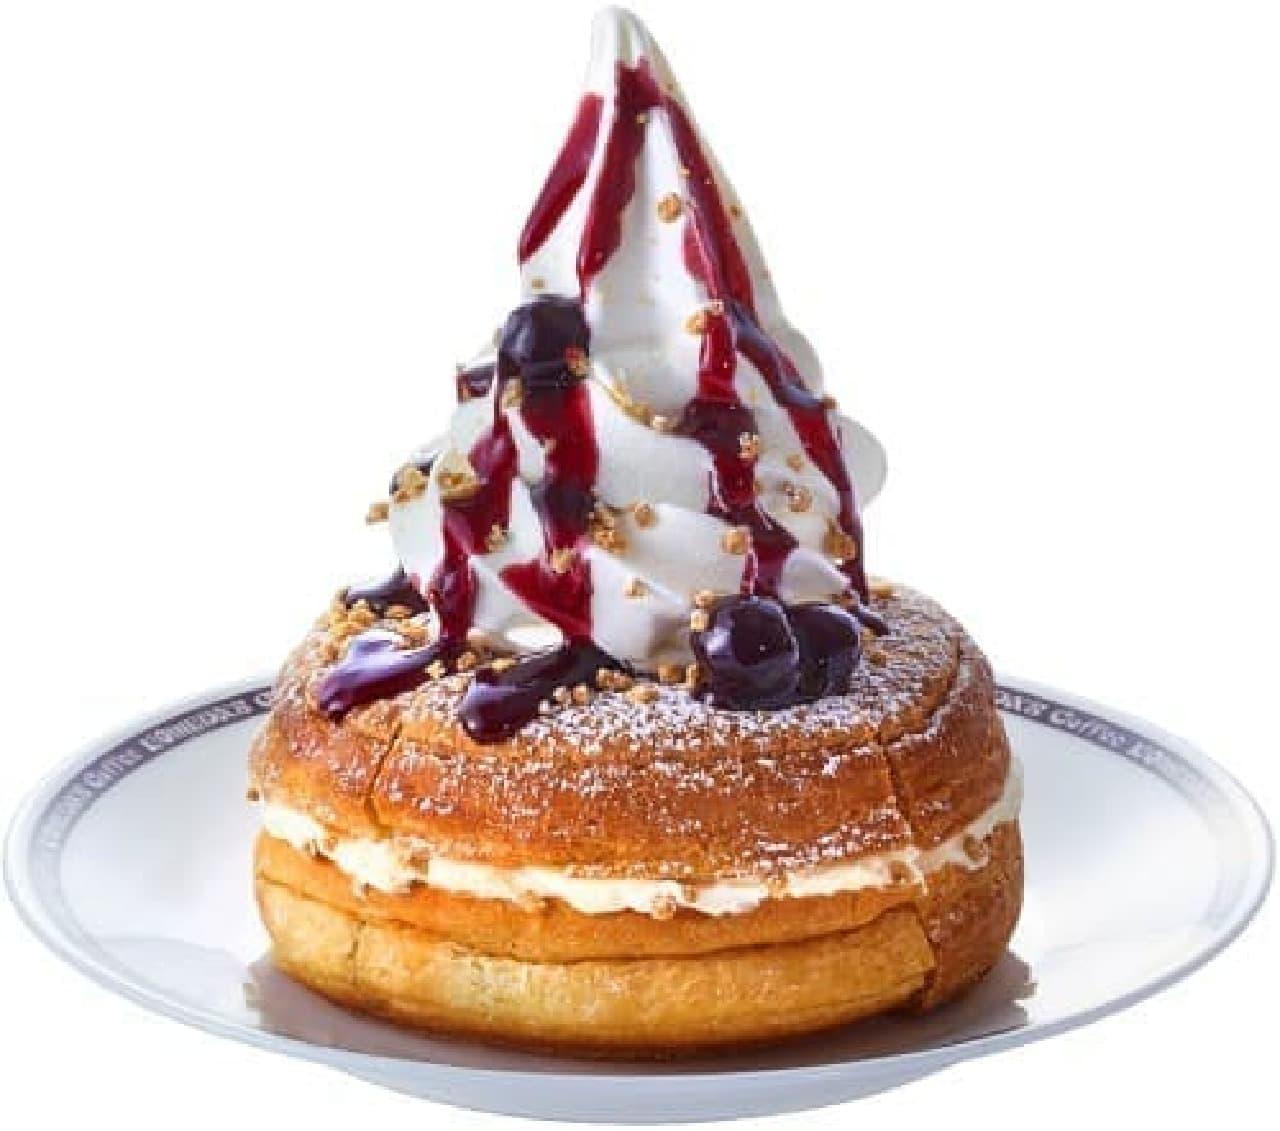 コメダ珈琲店「シロノワール N.Y.(ニューヨーク)チーズケーキ」